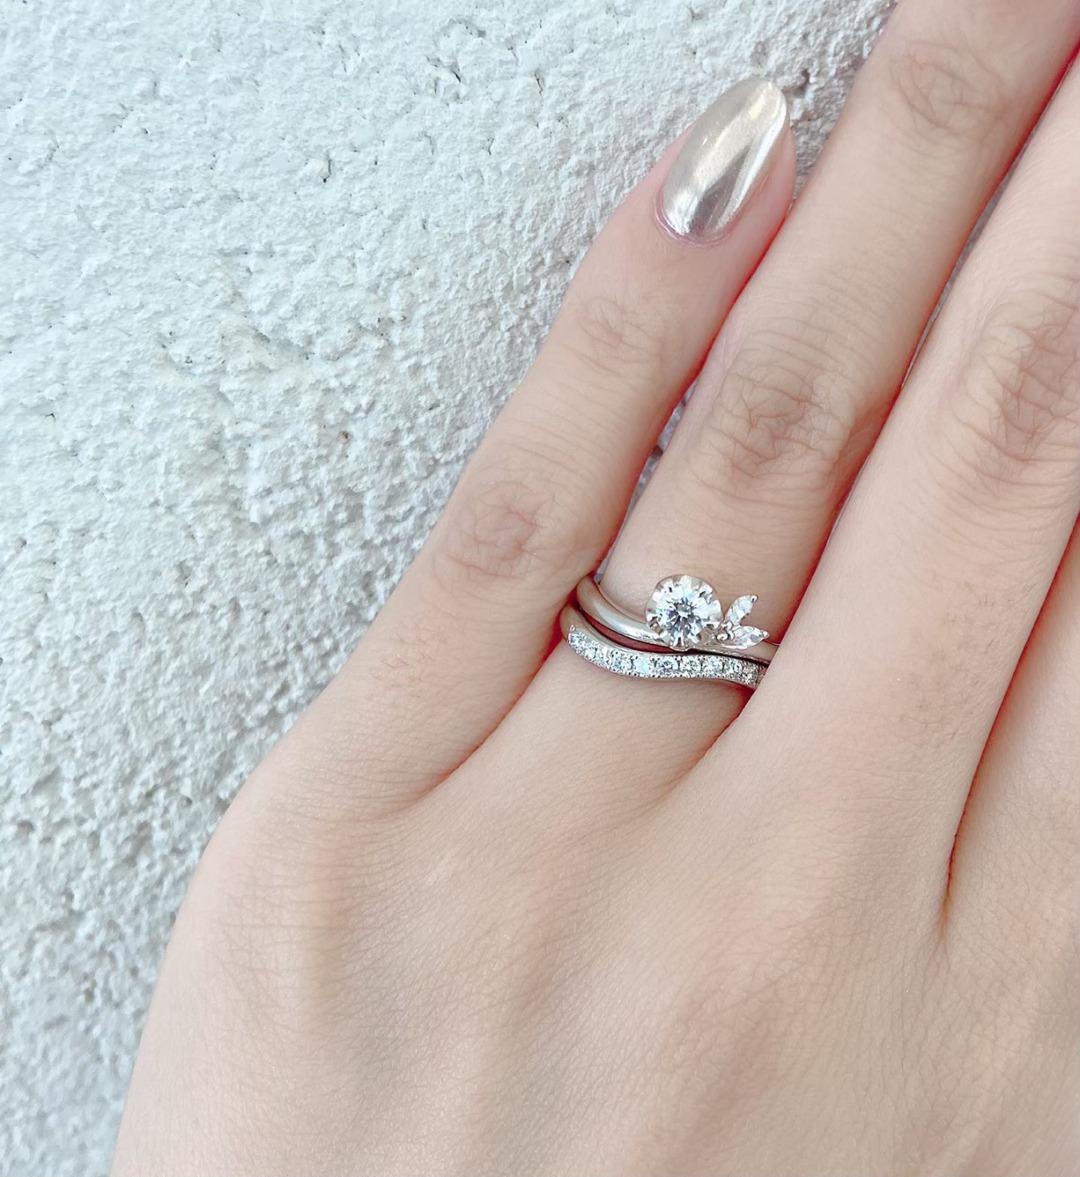 銀座で人気のウェーブラインが美しいお花がモチーフの婚約指輪と結婚指輪